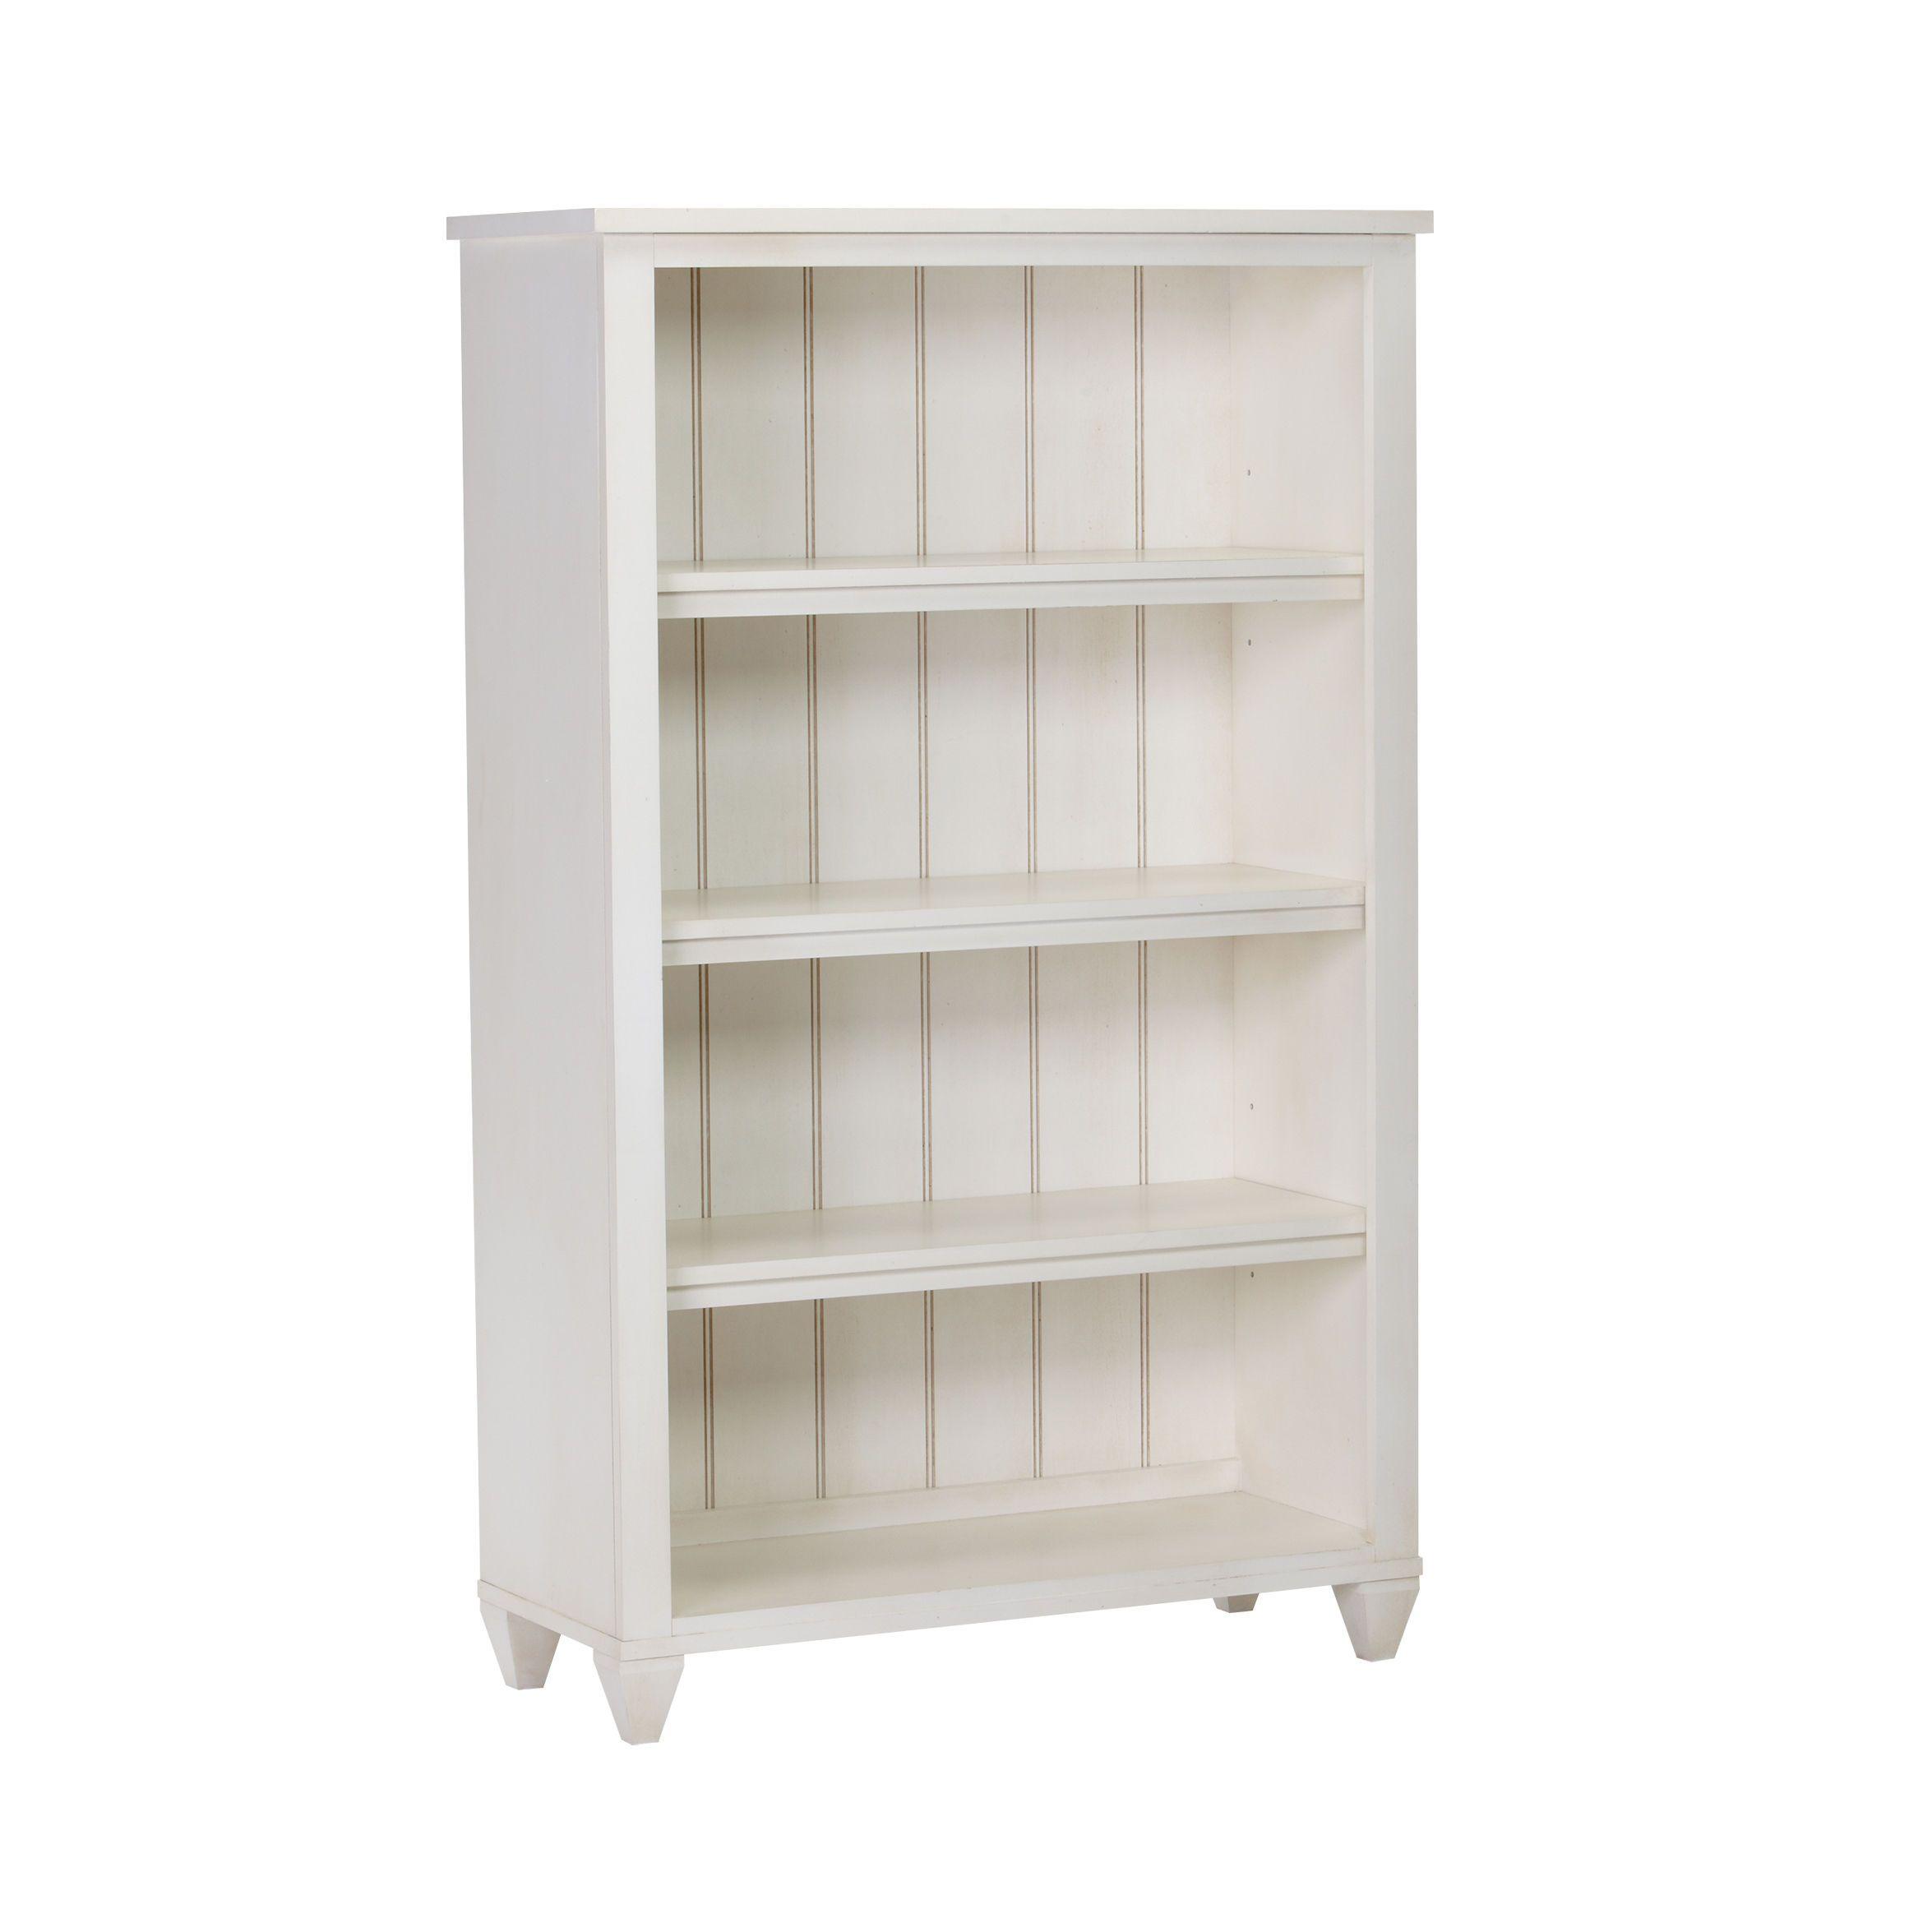 Sidekick tall bookcase ethan allen us kid bedrooms pinterest